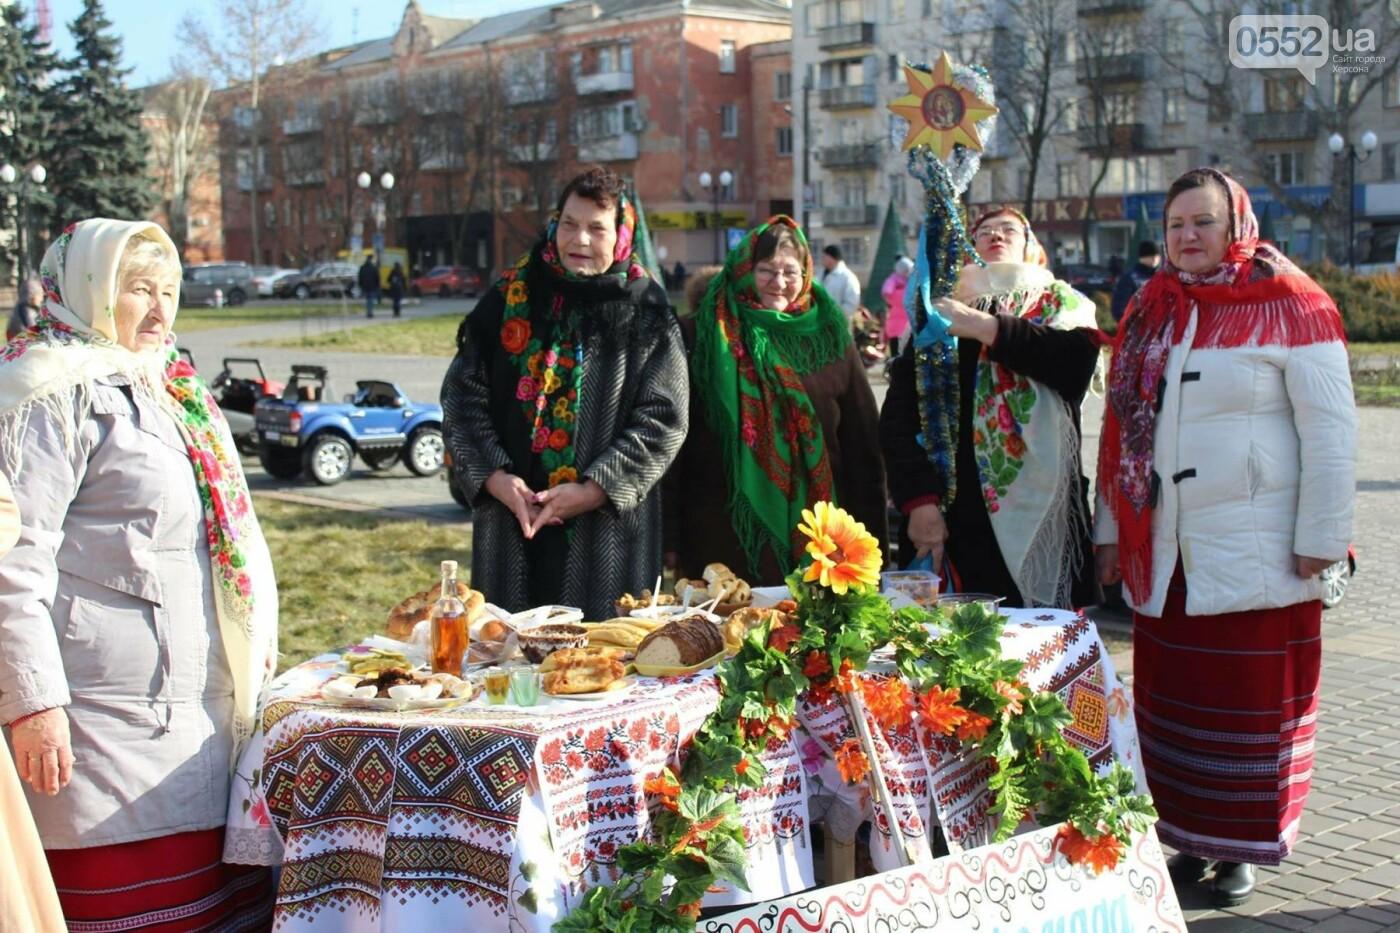 У главной ёлки города херсонцам подарили праздничное настроение, фото-1